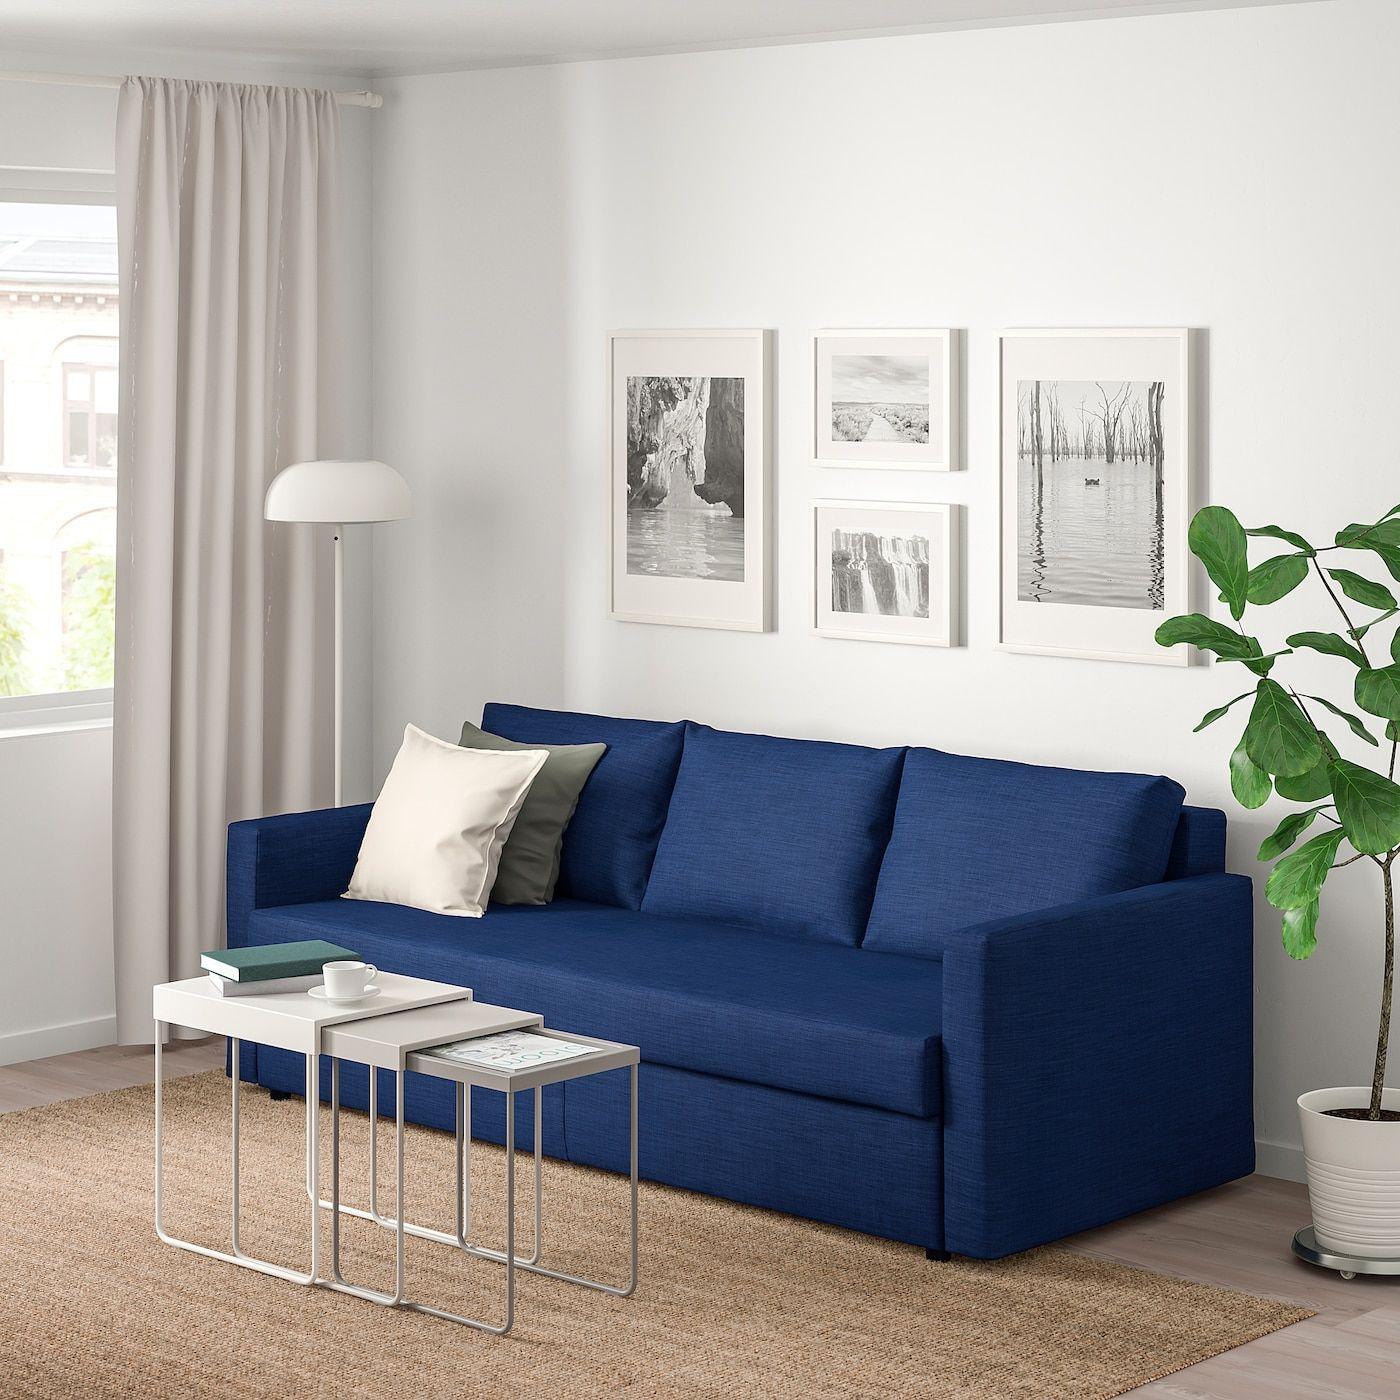 Friheten Canapé 3 Places Convertible - Skiftebo Bleu | Ikea ... encequiconcerne Salon De Jardin Pas Cher Ikea